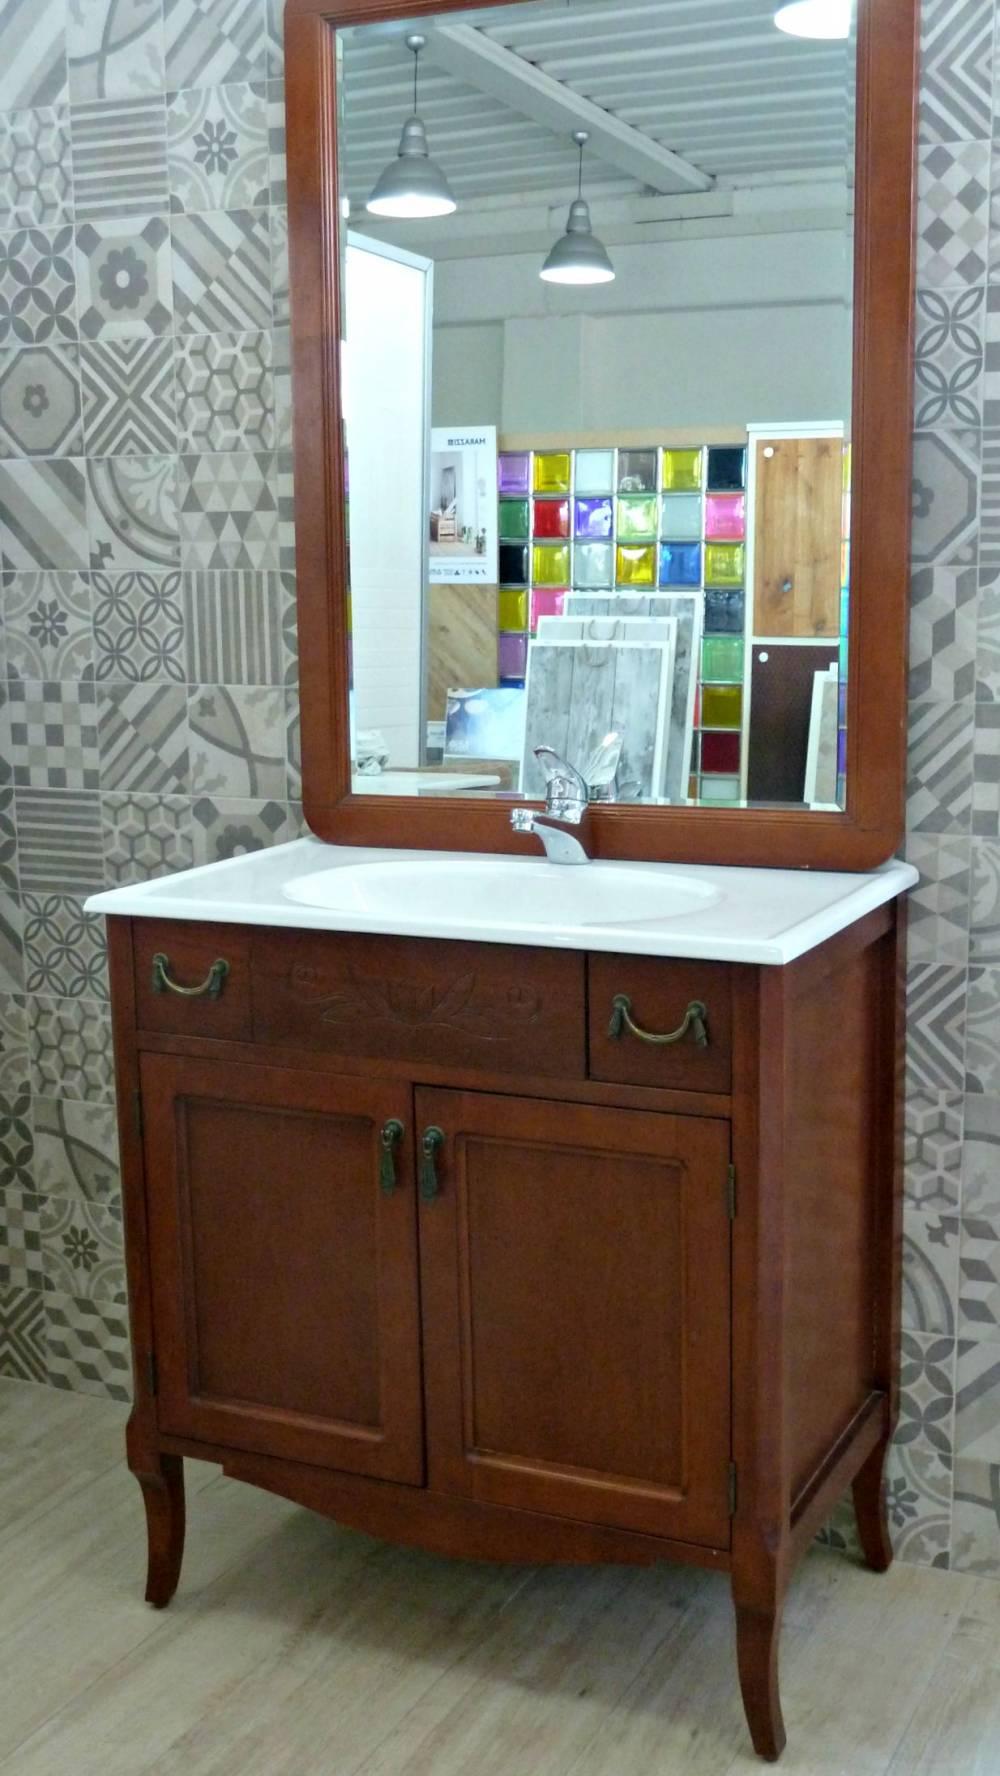 Mobile da bagno arte povera - Mobili bagno angolari ...